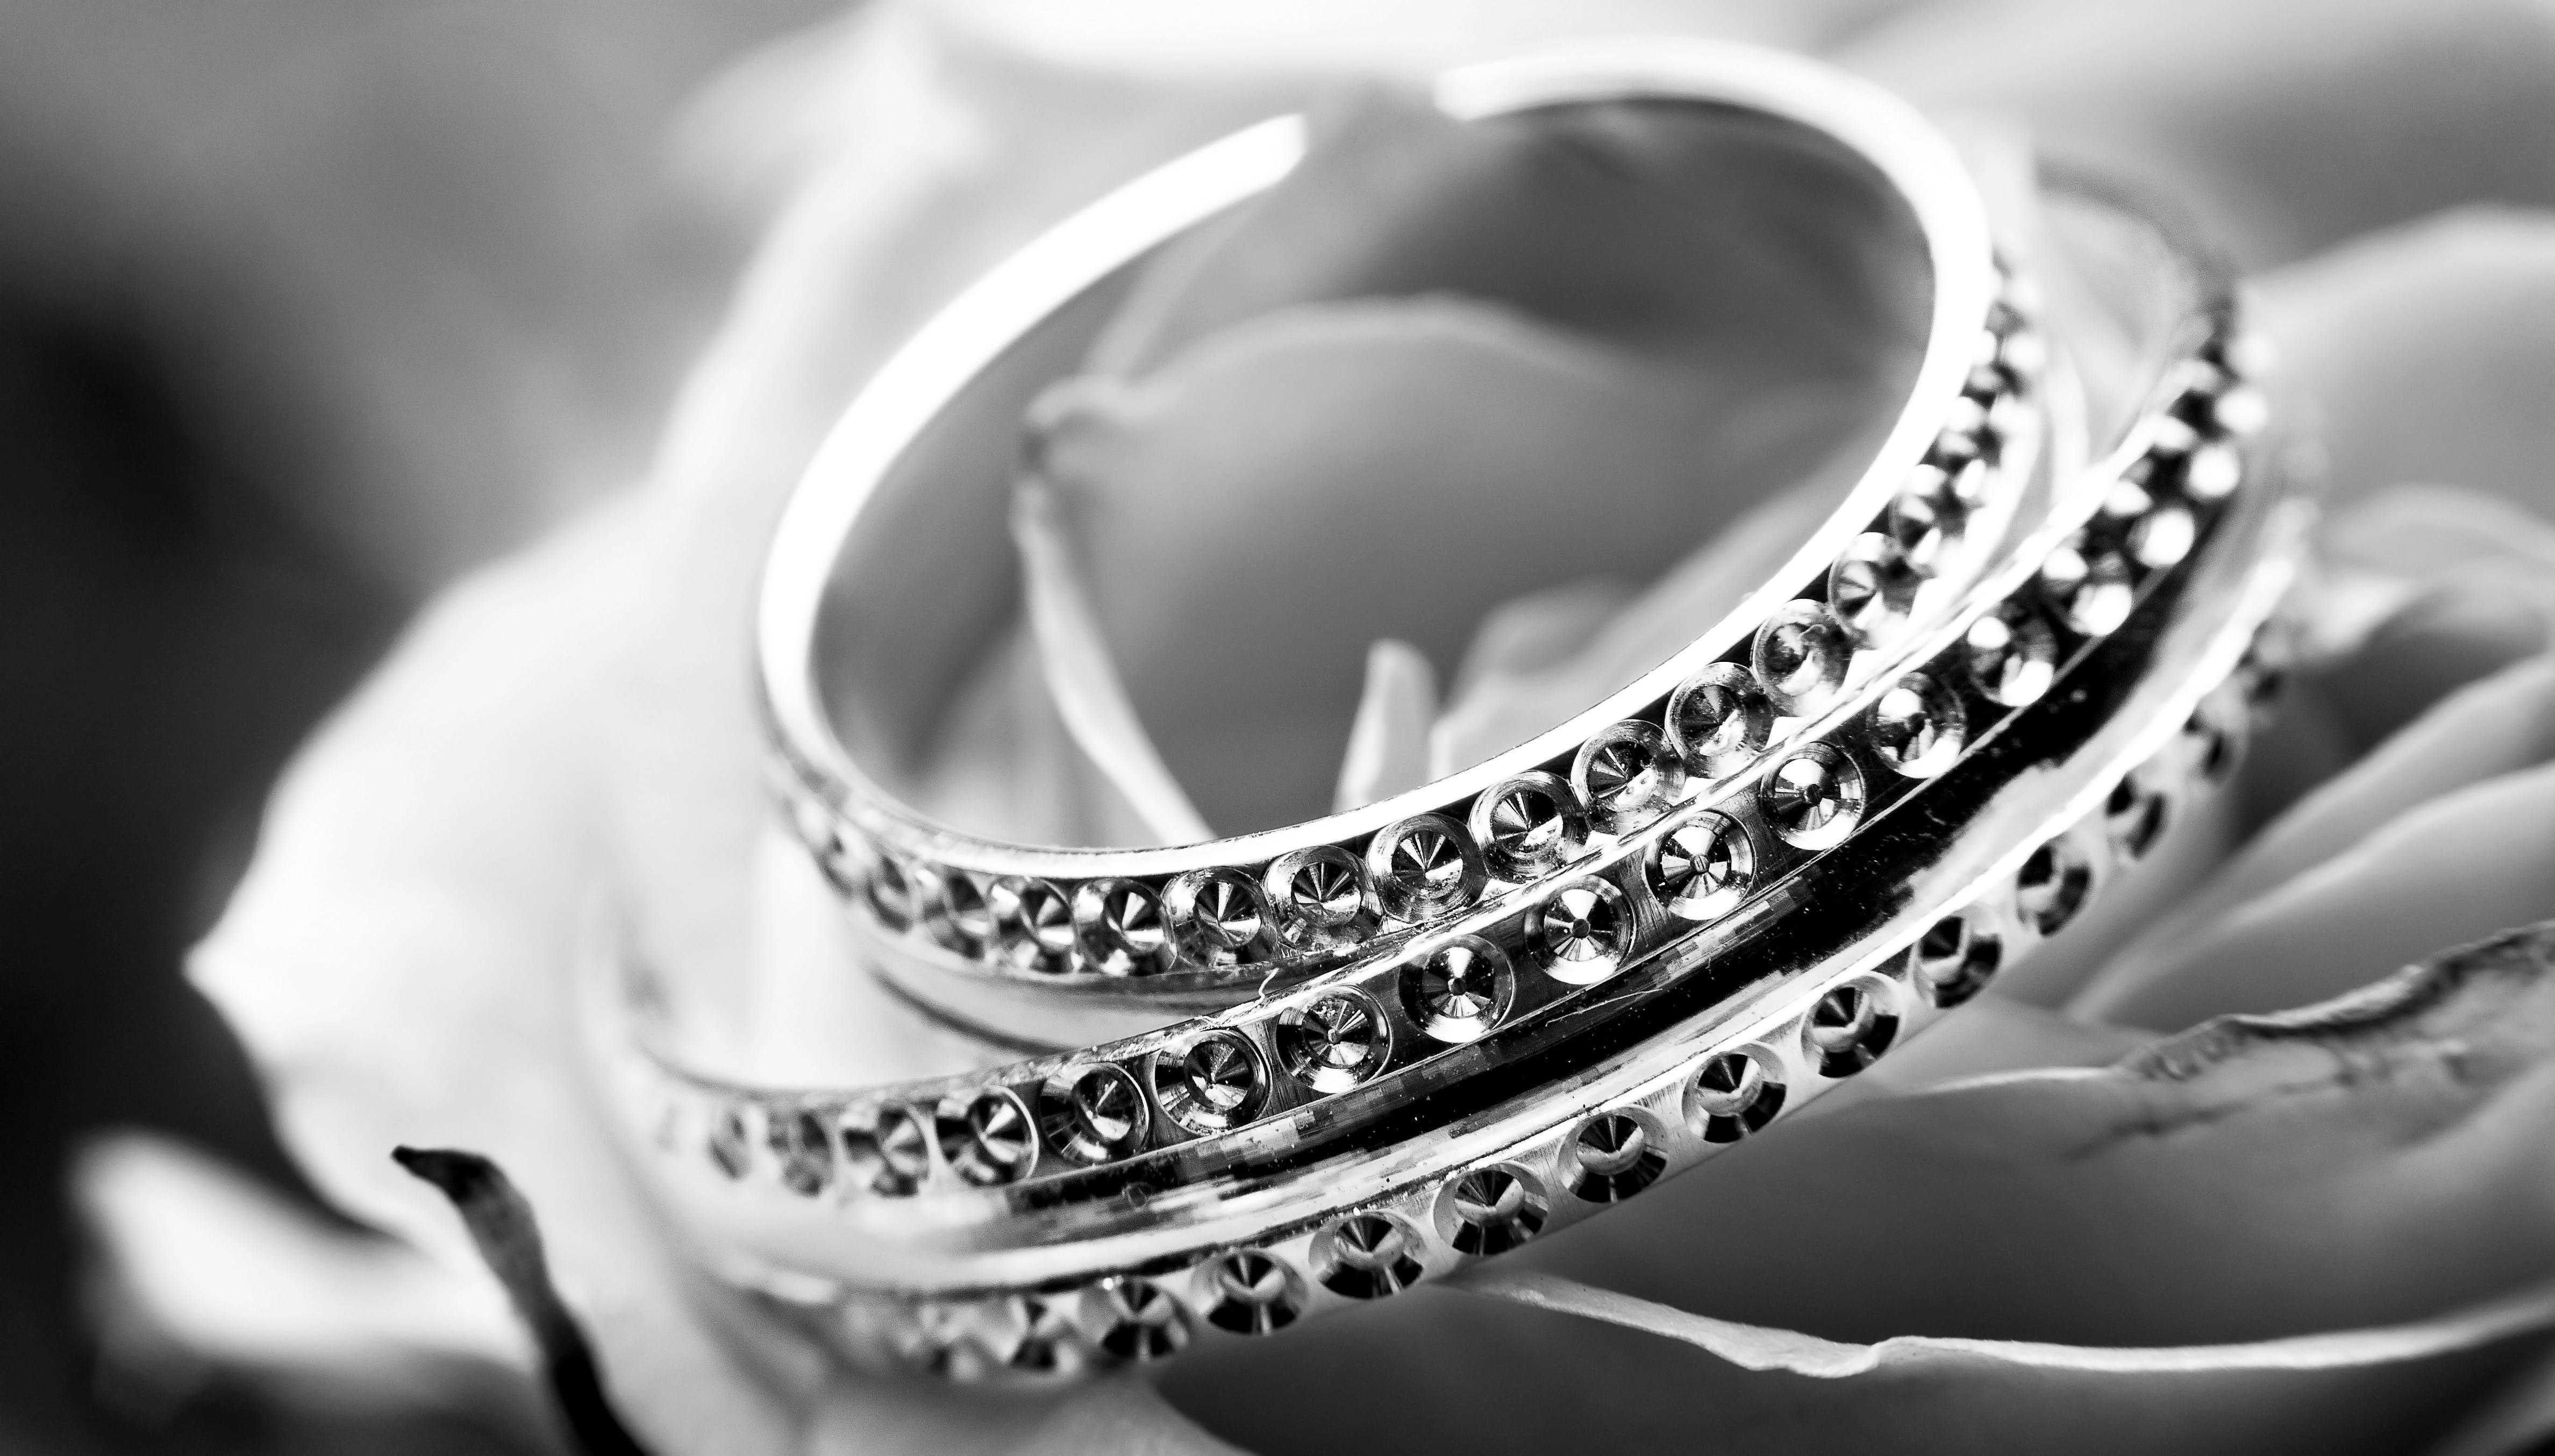 amor, casamento, close